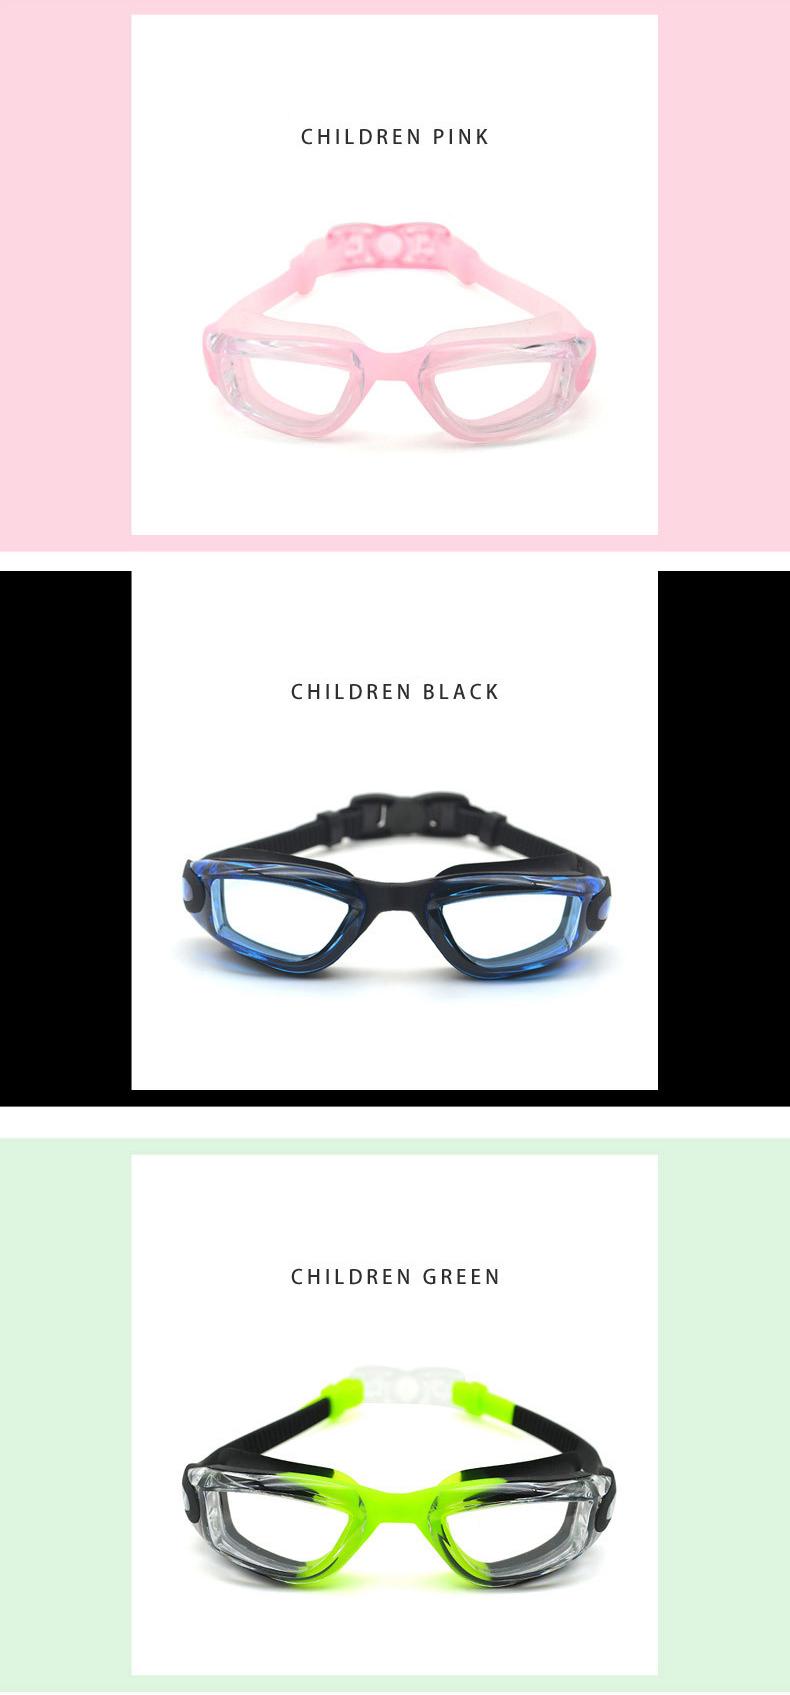 Thiết kế theo những màu sắc yêu thích của trẻ em